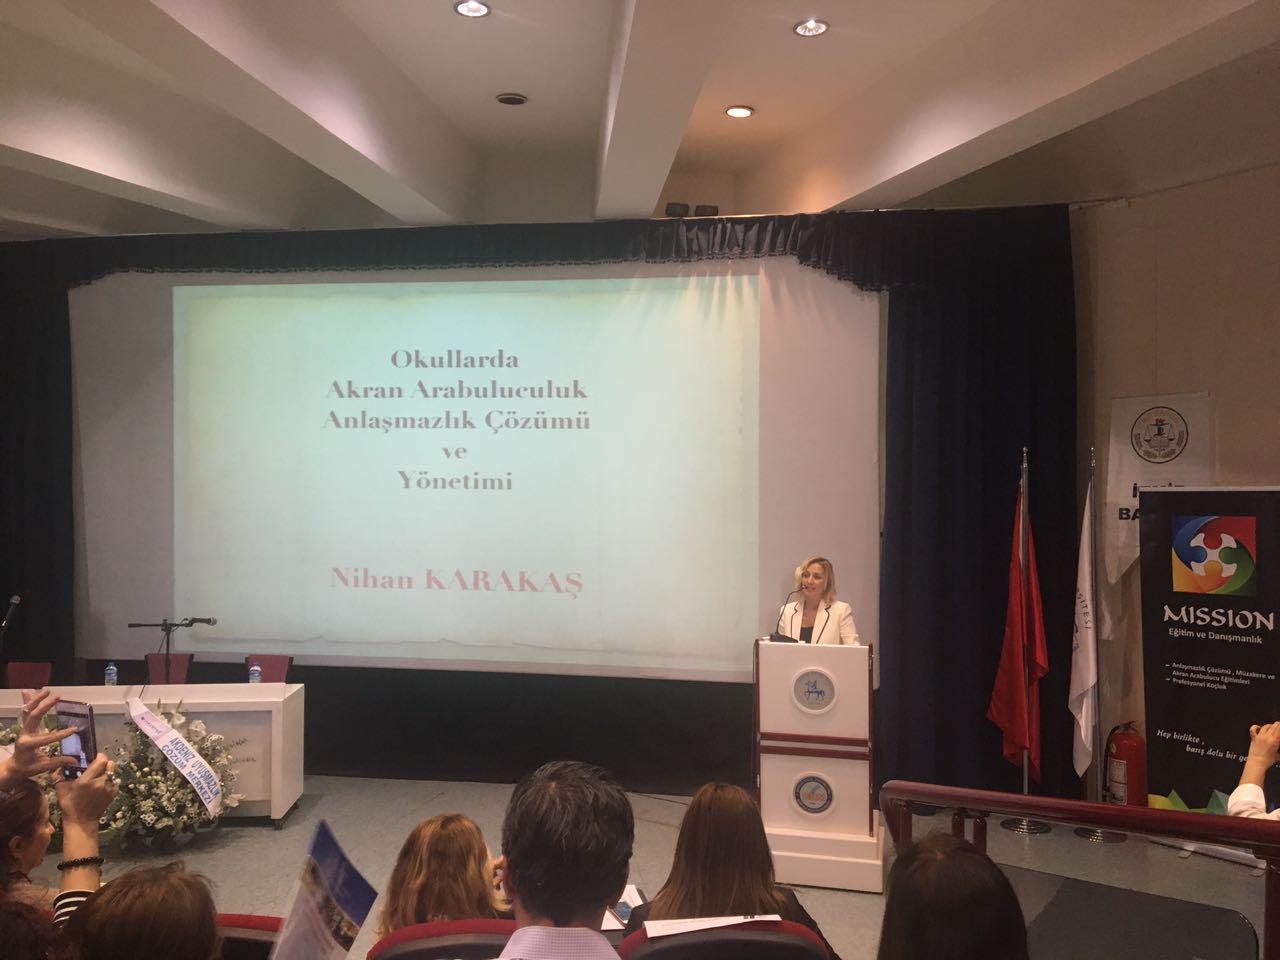 I. Toplumsal Uzlaşı Kongresinde Akran Arabuluculuk Konusunda Sunulan Bildiri İlgiyle Dinlendi